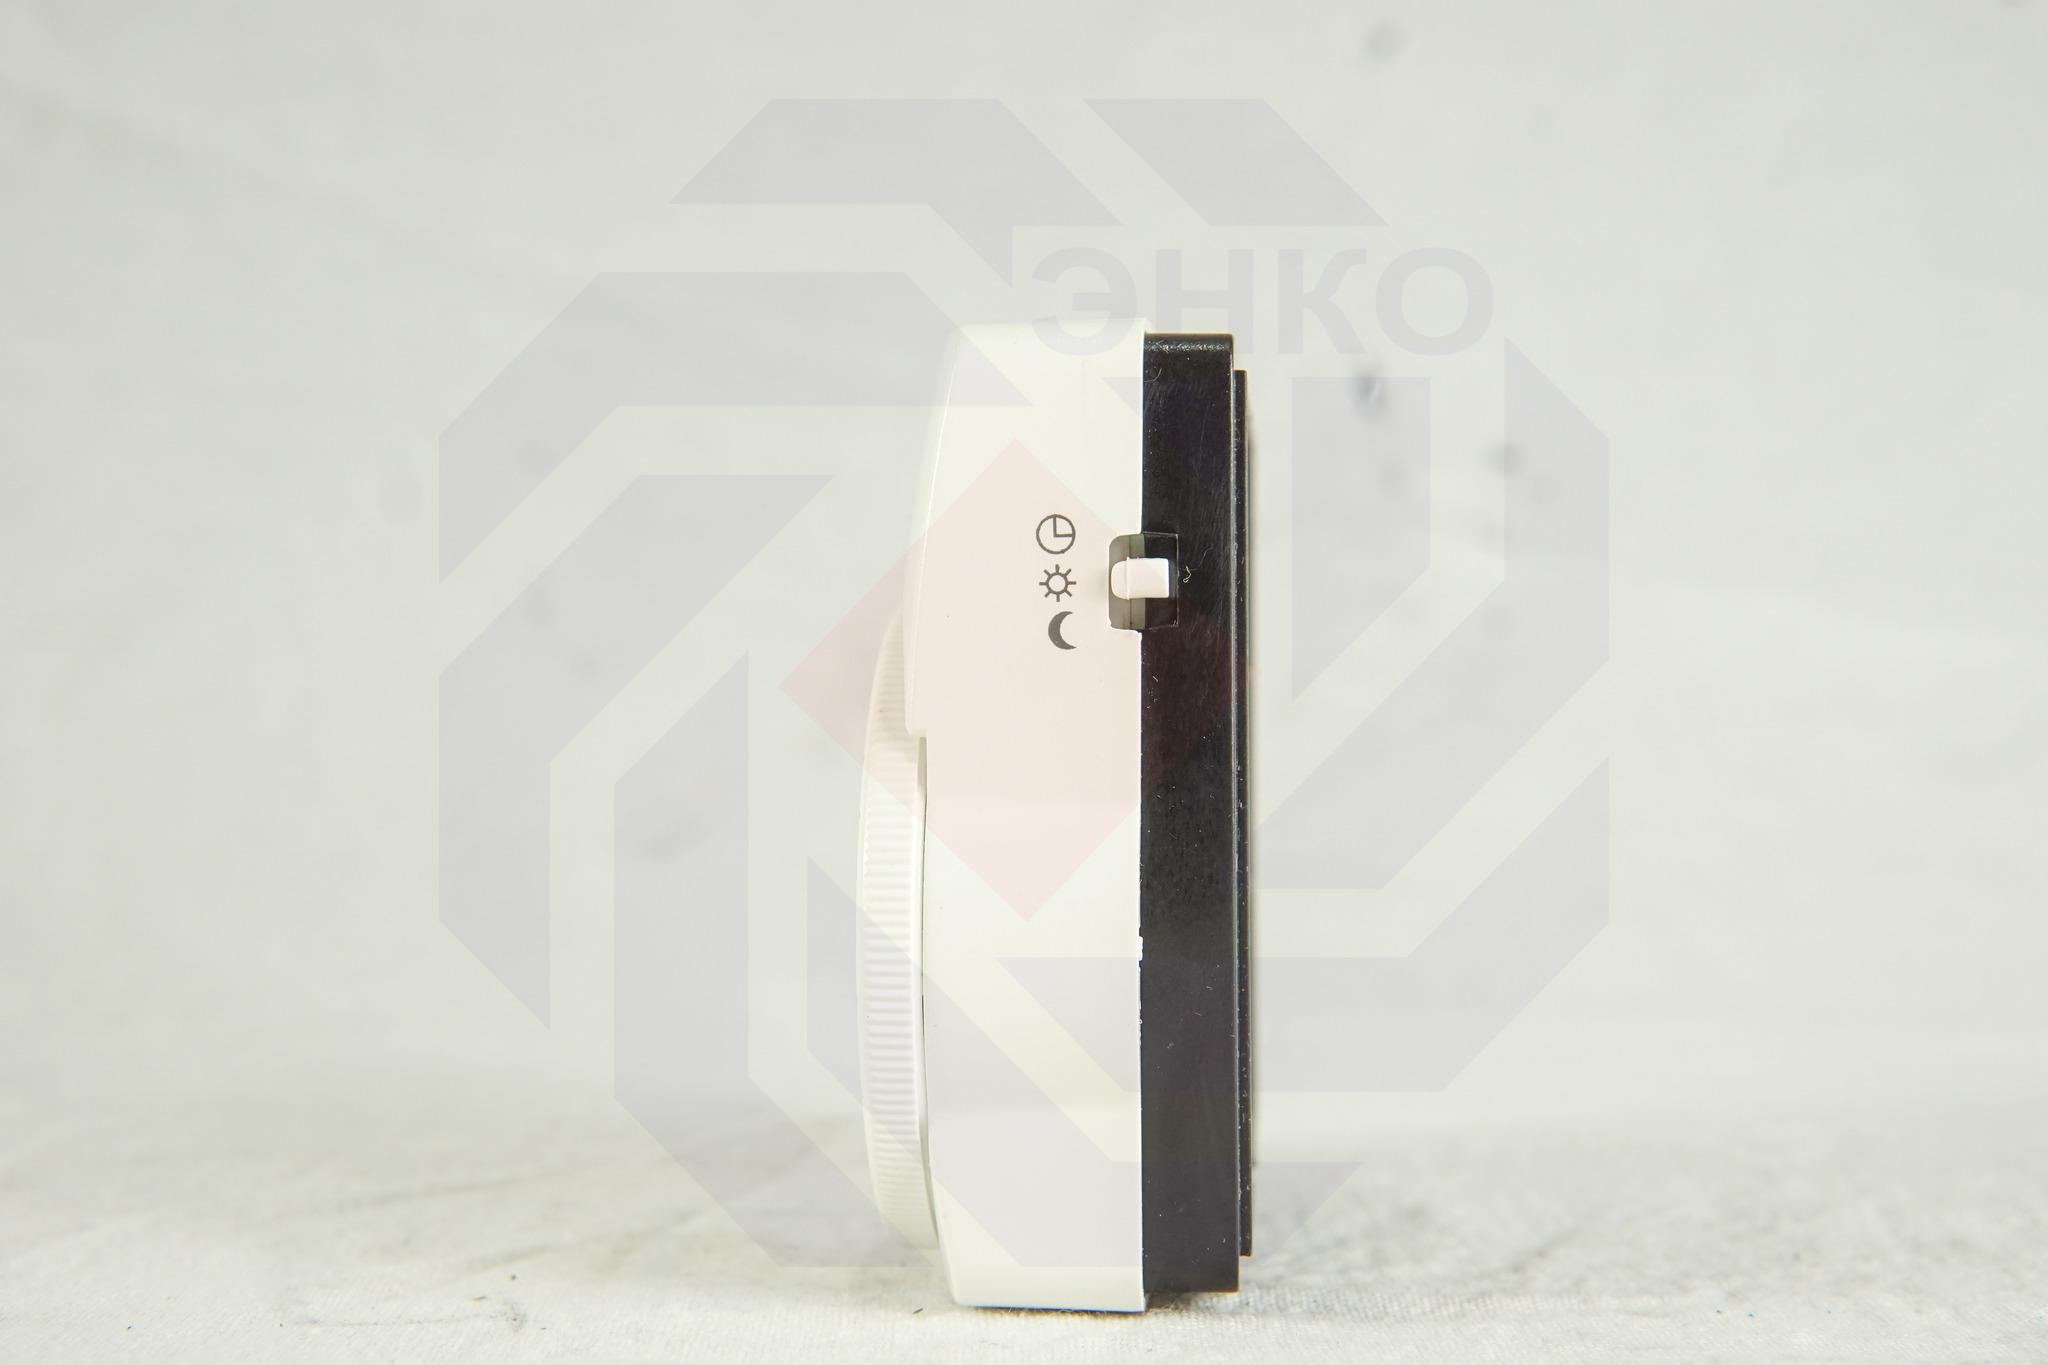 Термостат комнатный WATTS WFHT-DUAL SEN с датчиком температуры пола